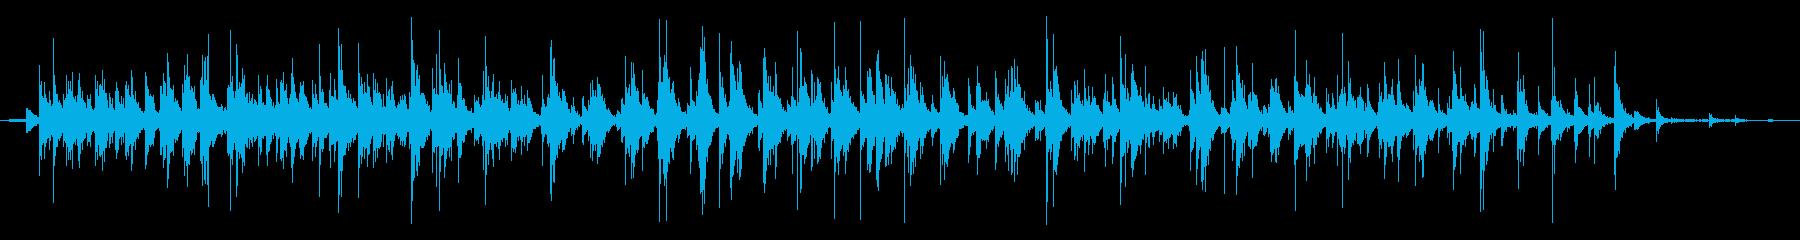 小学生:7年生:Int:拍手の再生済みの波形